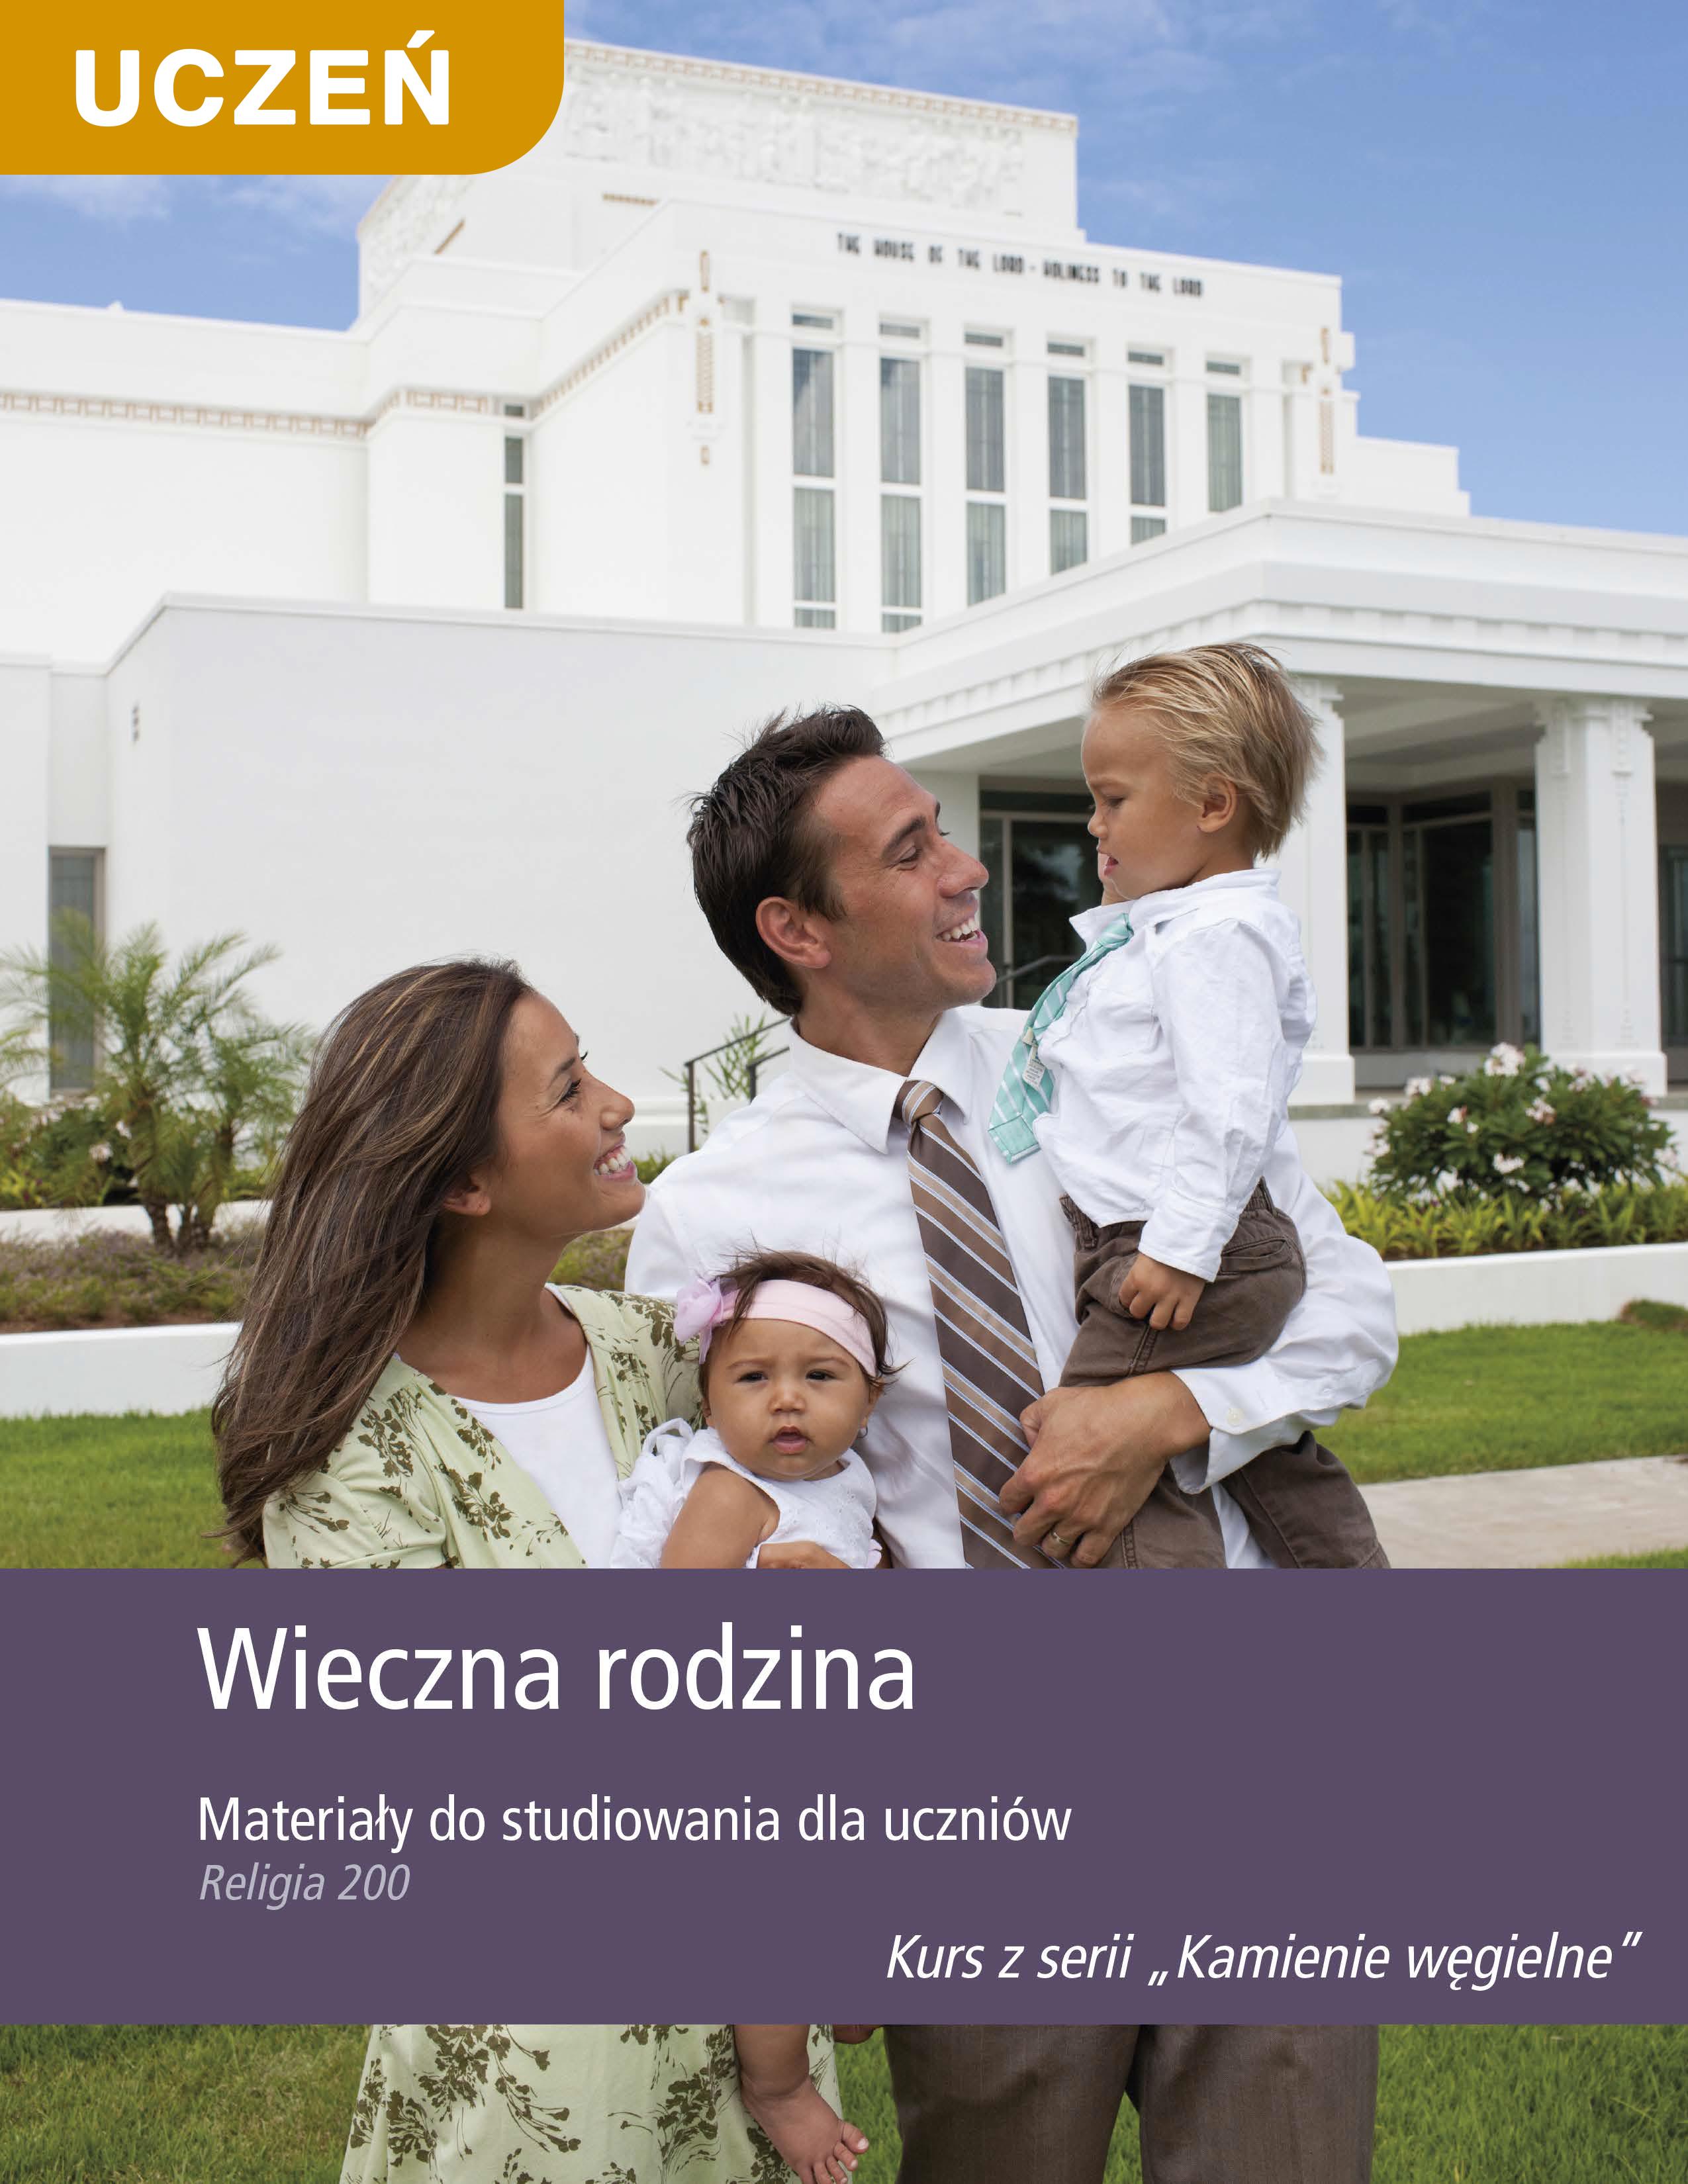 Wieczna rodzina. Materiały do studiowania dla uczniów (Rel 200)